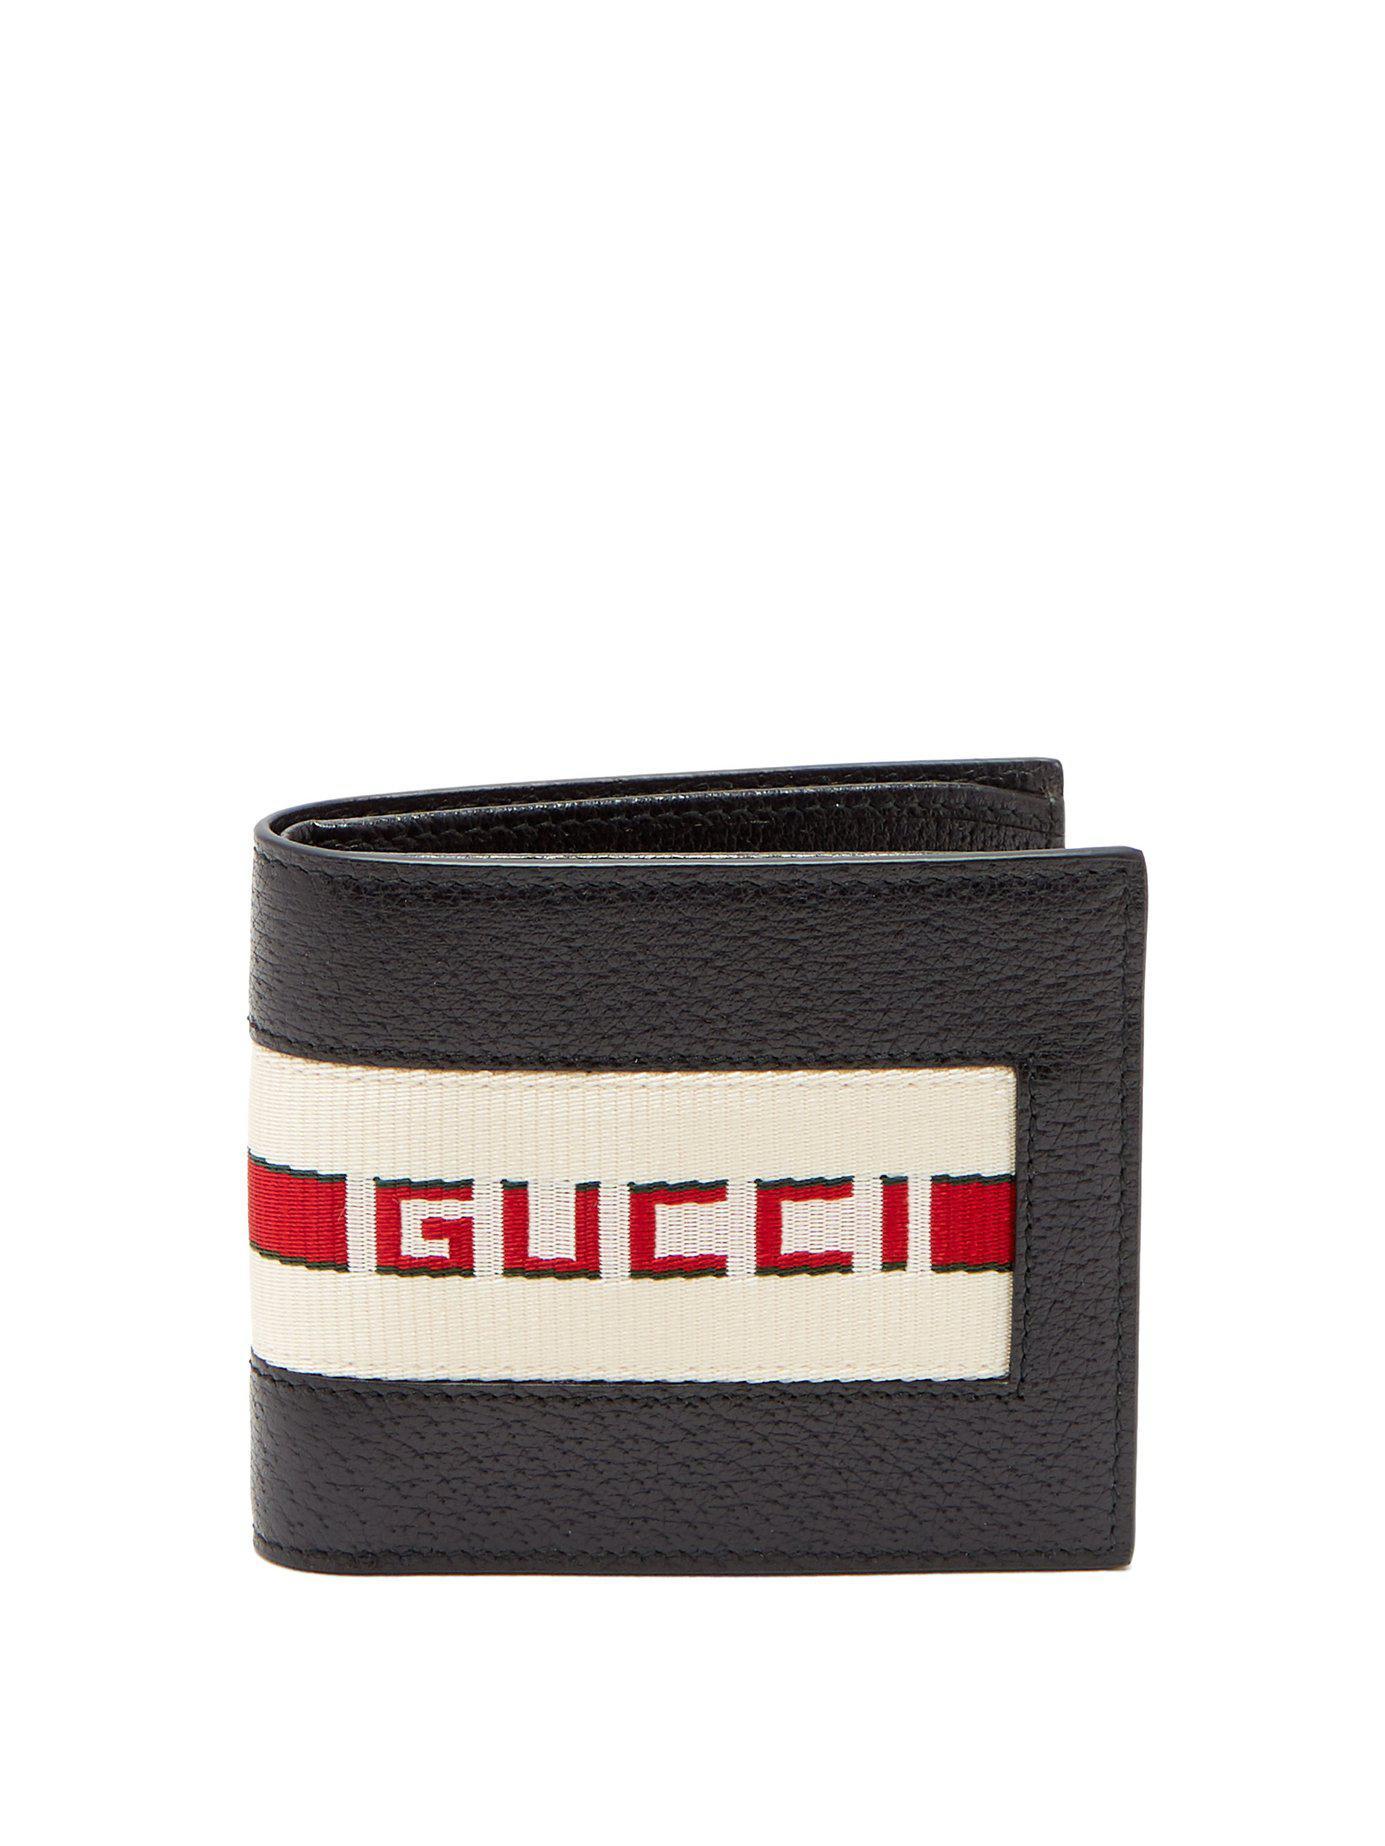 46b574fe1ea Lyst - Gucci Black Logo Band Wallet in Black for Men - Save 23%